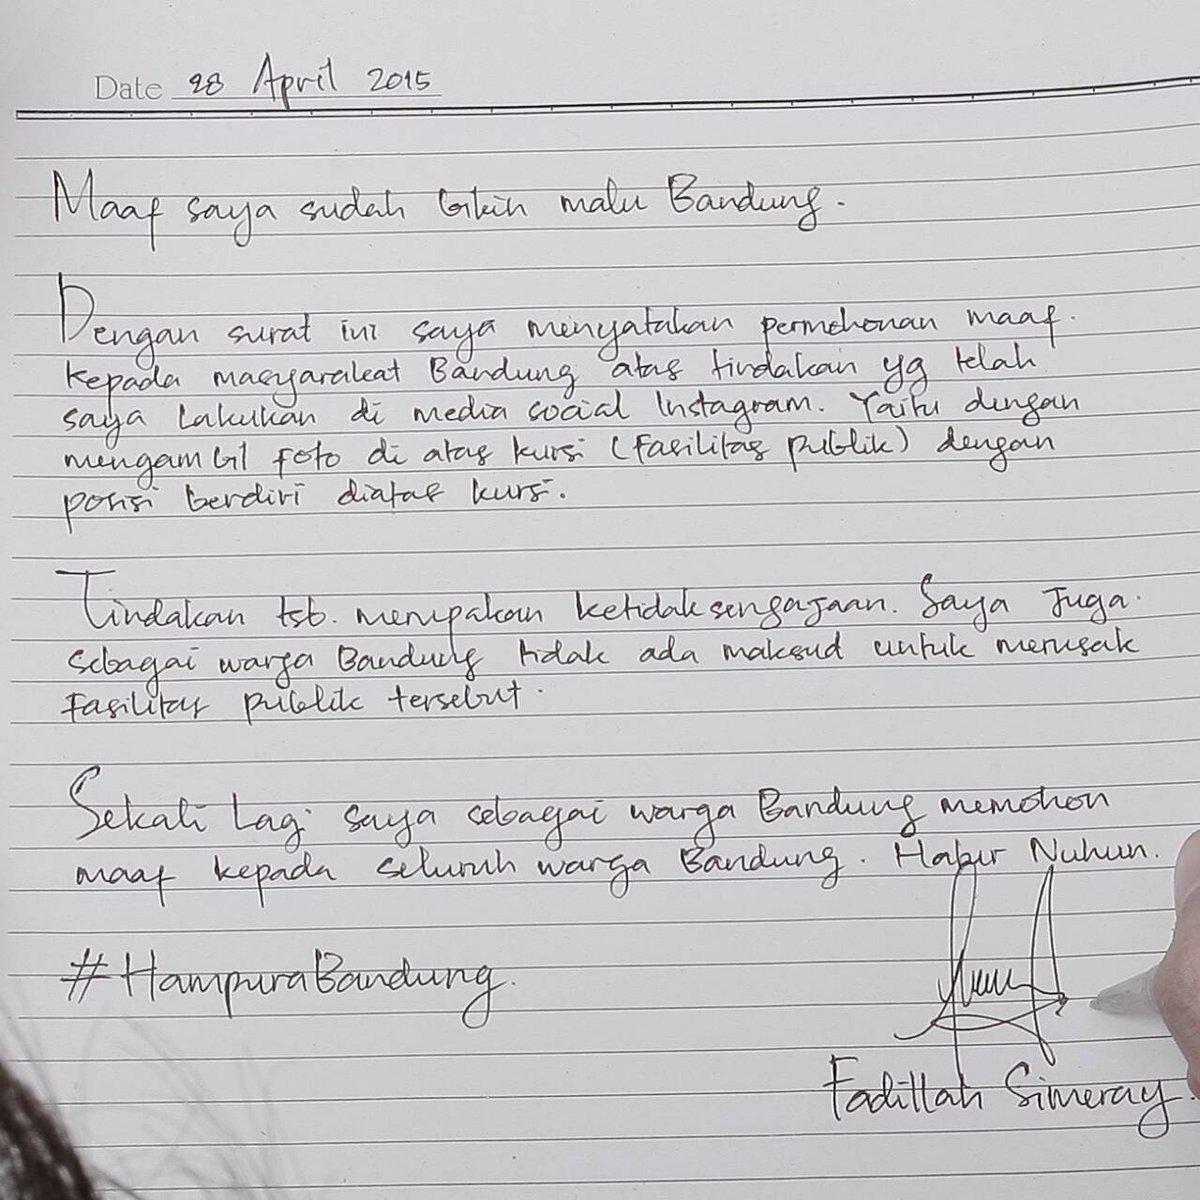 kami keluarga besar SMITH mendukung permohonan maaf @fadillahsimeray kepada warga Bandung cc: @ridwankamil @infobdg http://t.co/StEe17Hxp7